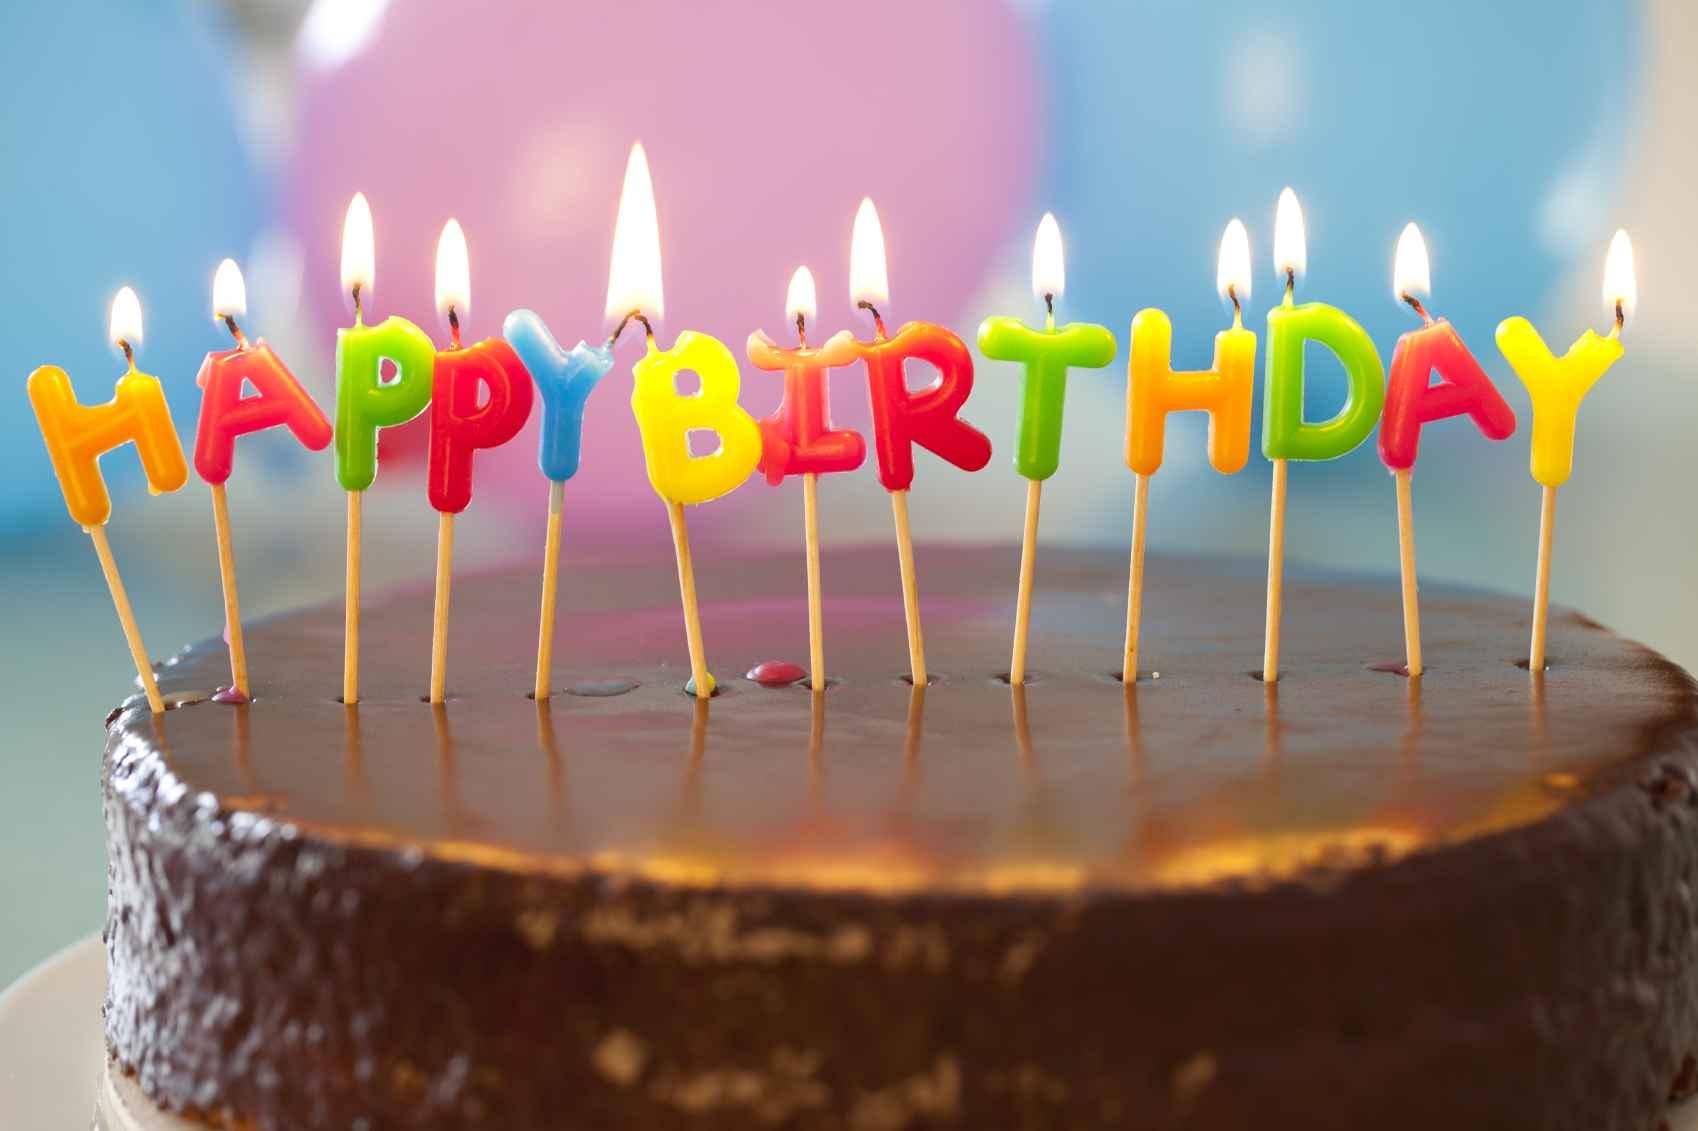 Mit rejt a születésnapod a számmisztikában?